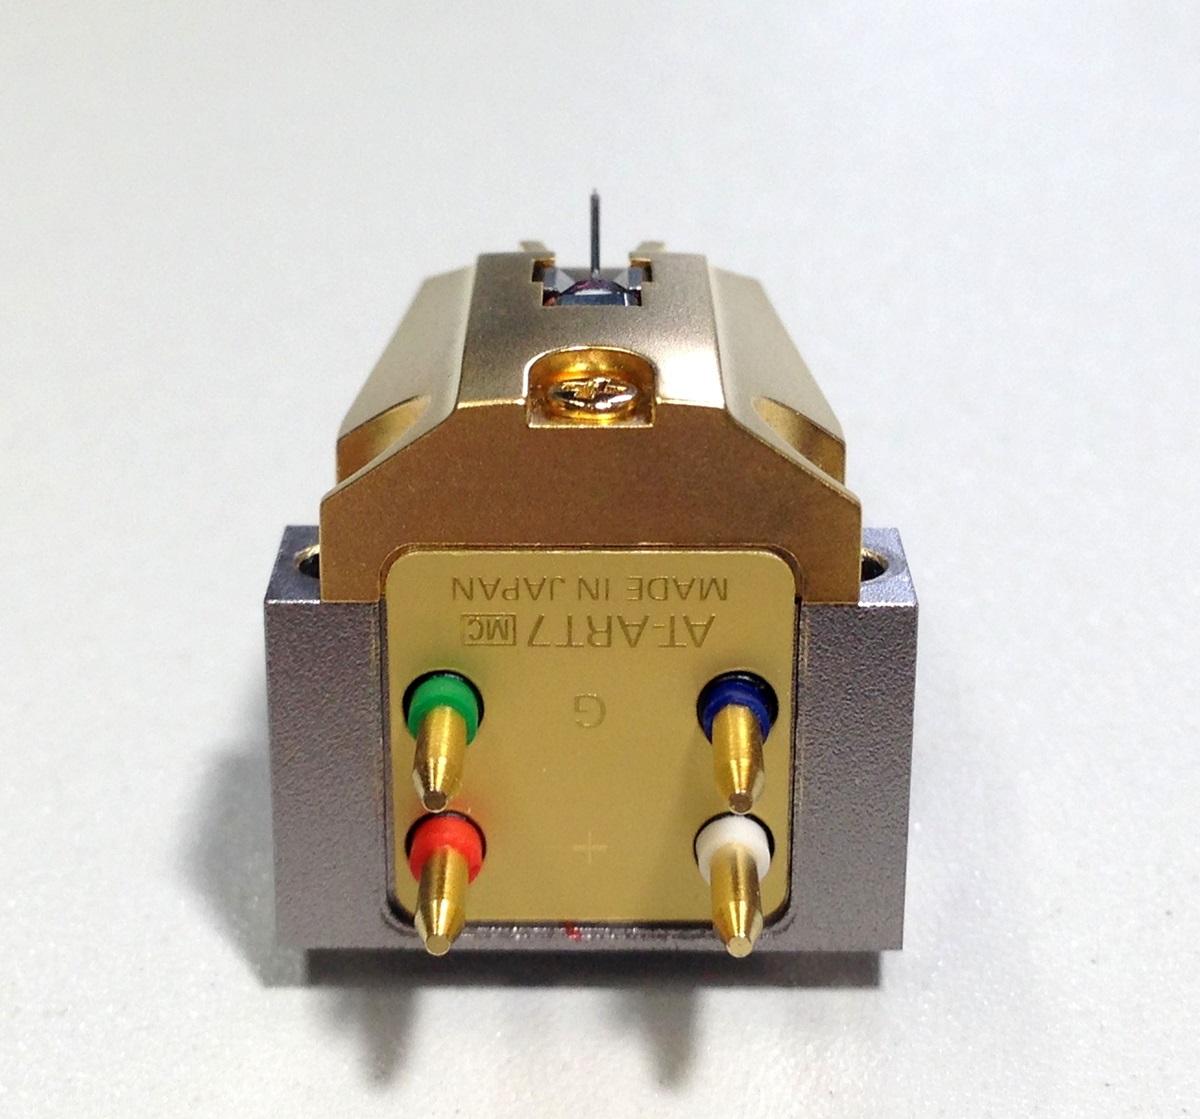 美品 audio-technica AT-ART7 MC型 カートリッジ 針カバー/ケース等付属品有 出力良好品 Audio Station_画像5